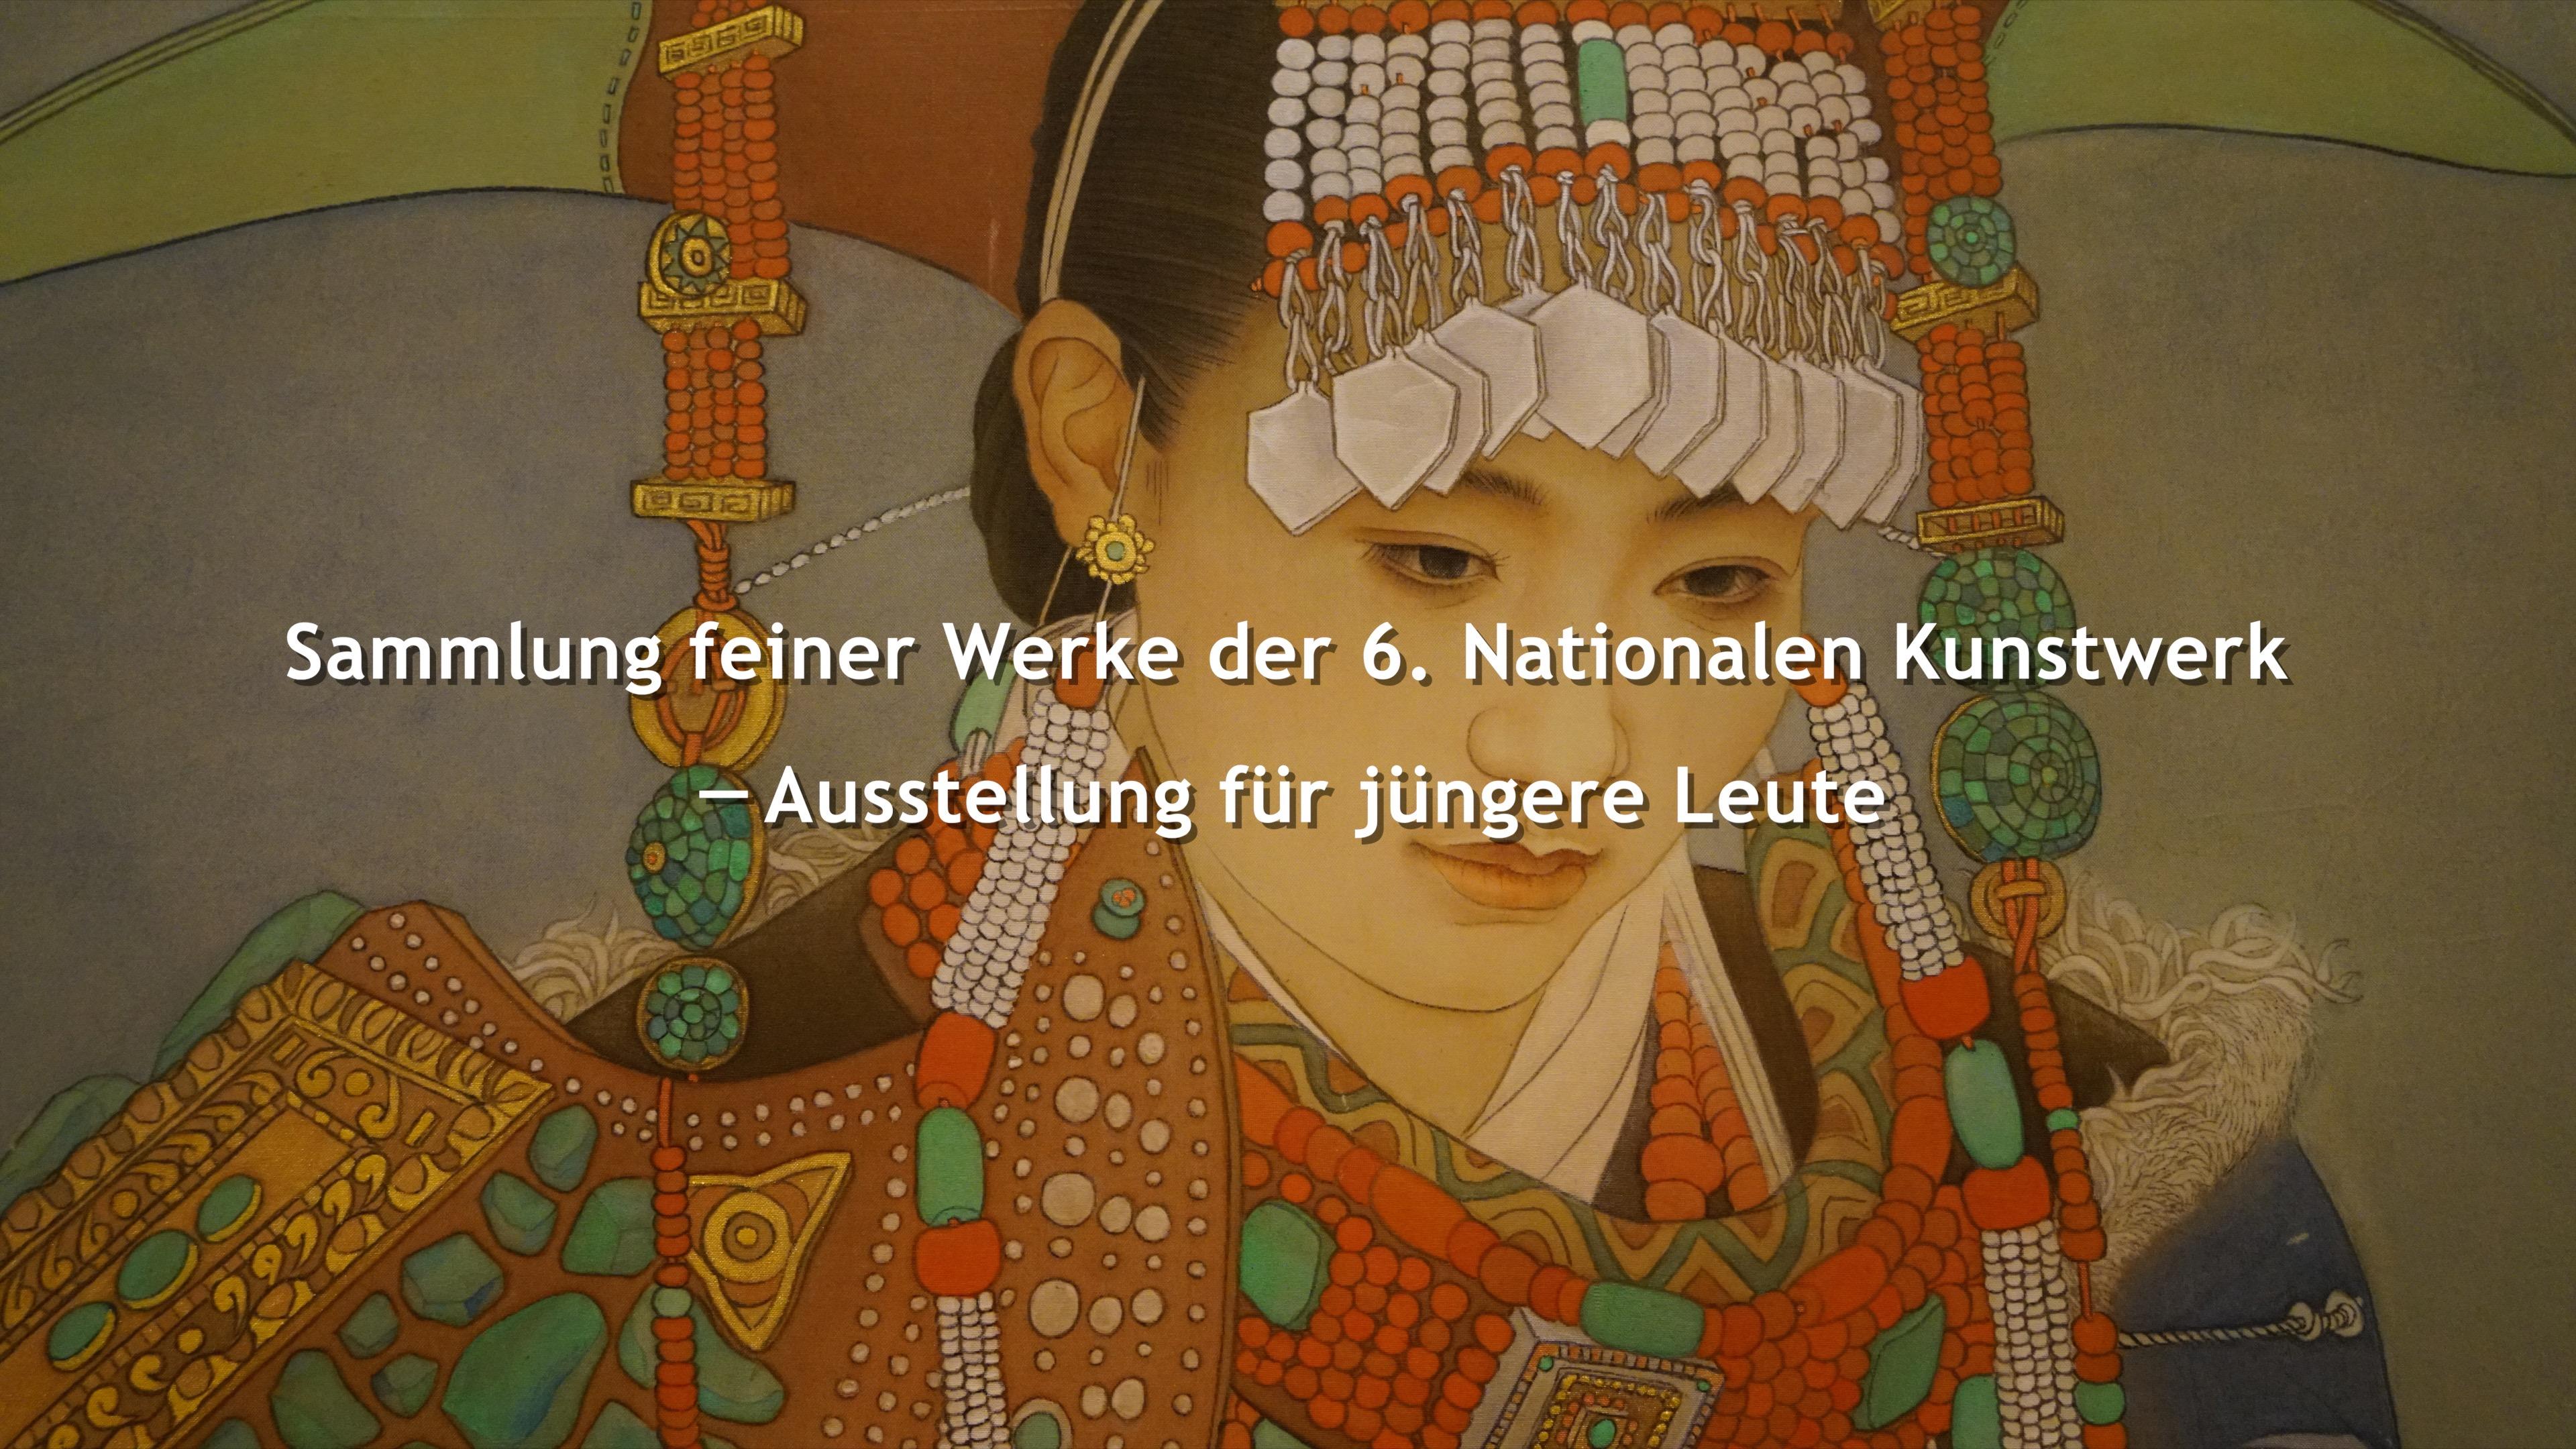 Sammlung feiner Werke der 6. Nationalen Kunstwerkausstellung für jüngere Leute